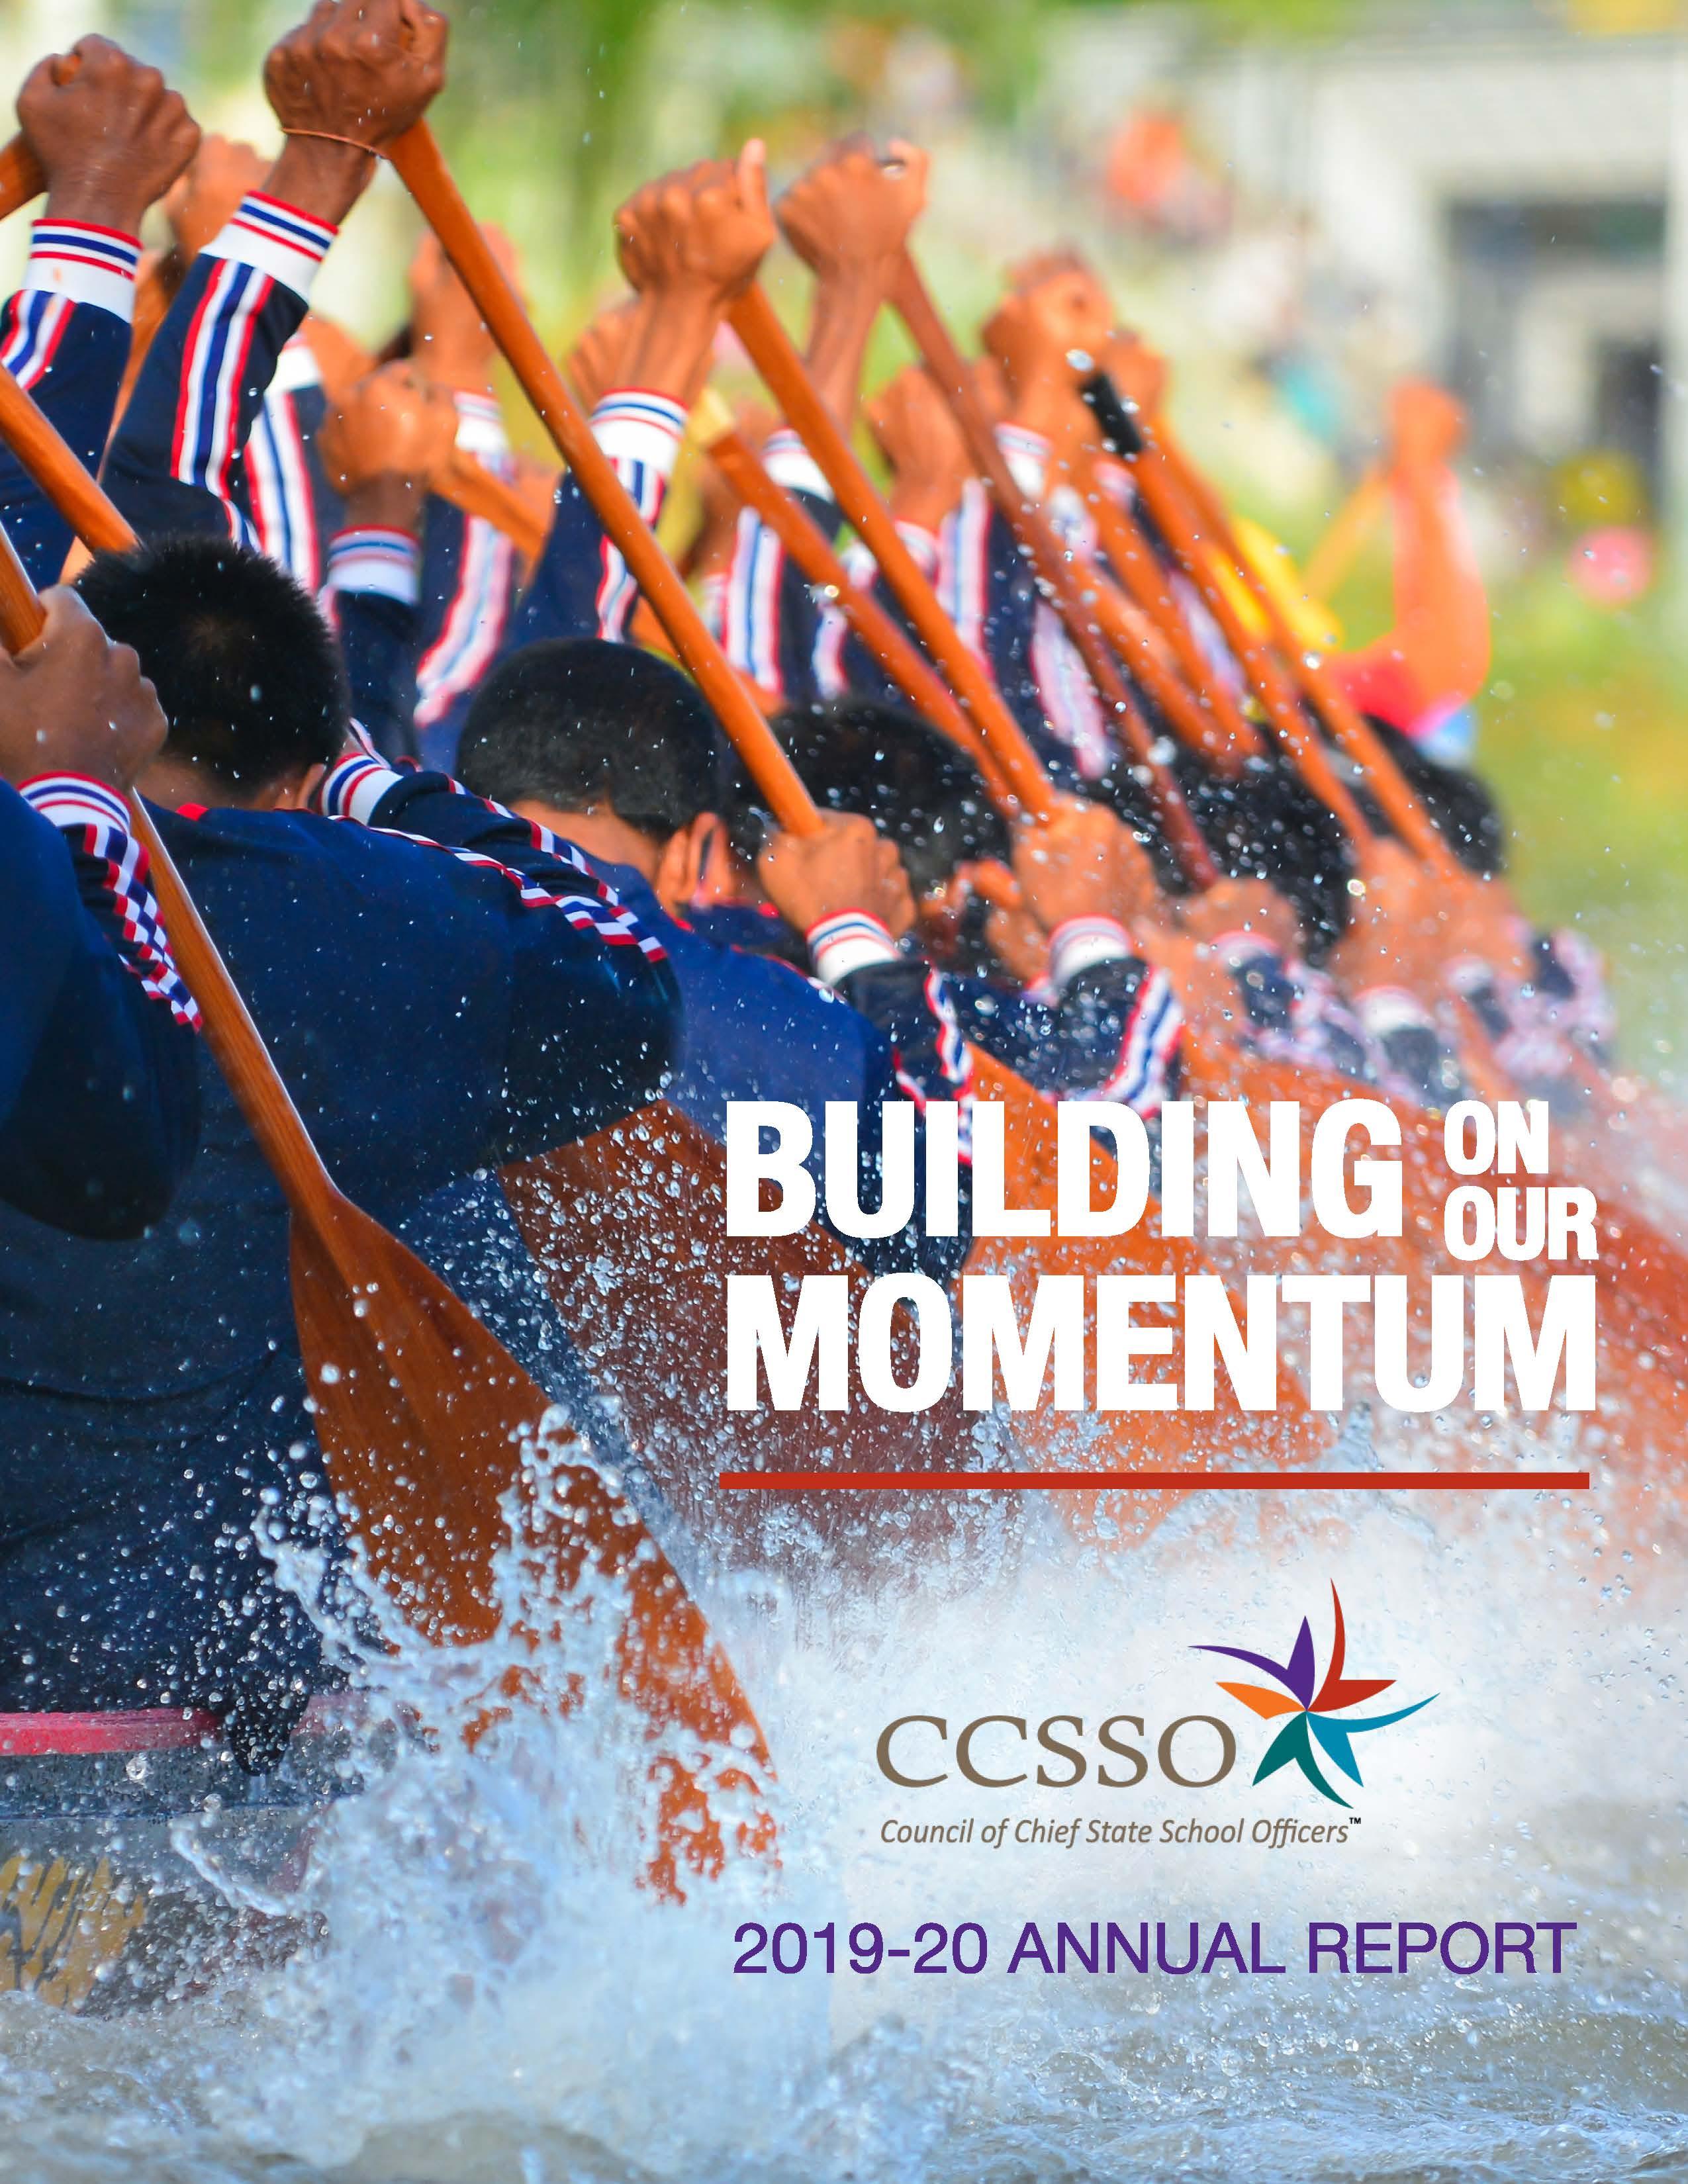 CCSSO 2019-2020 Annual Report